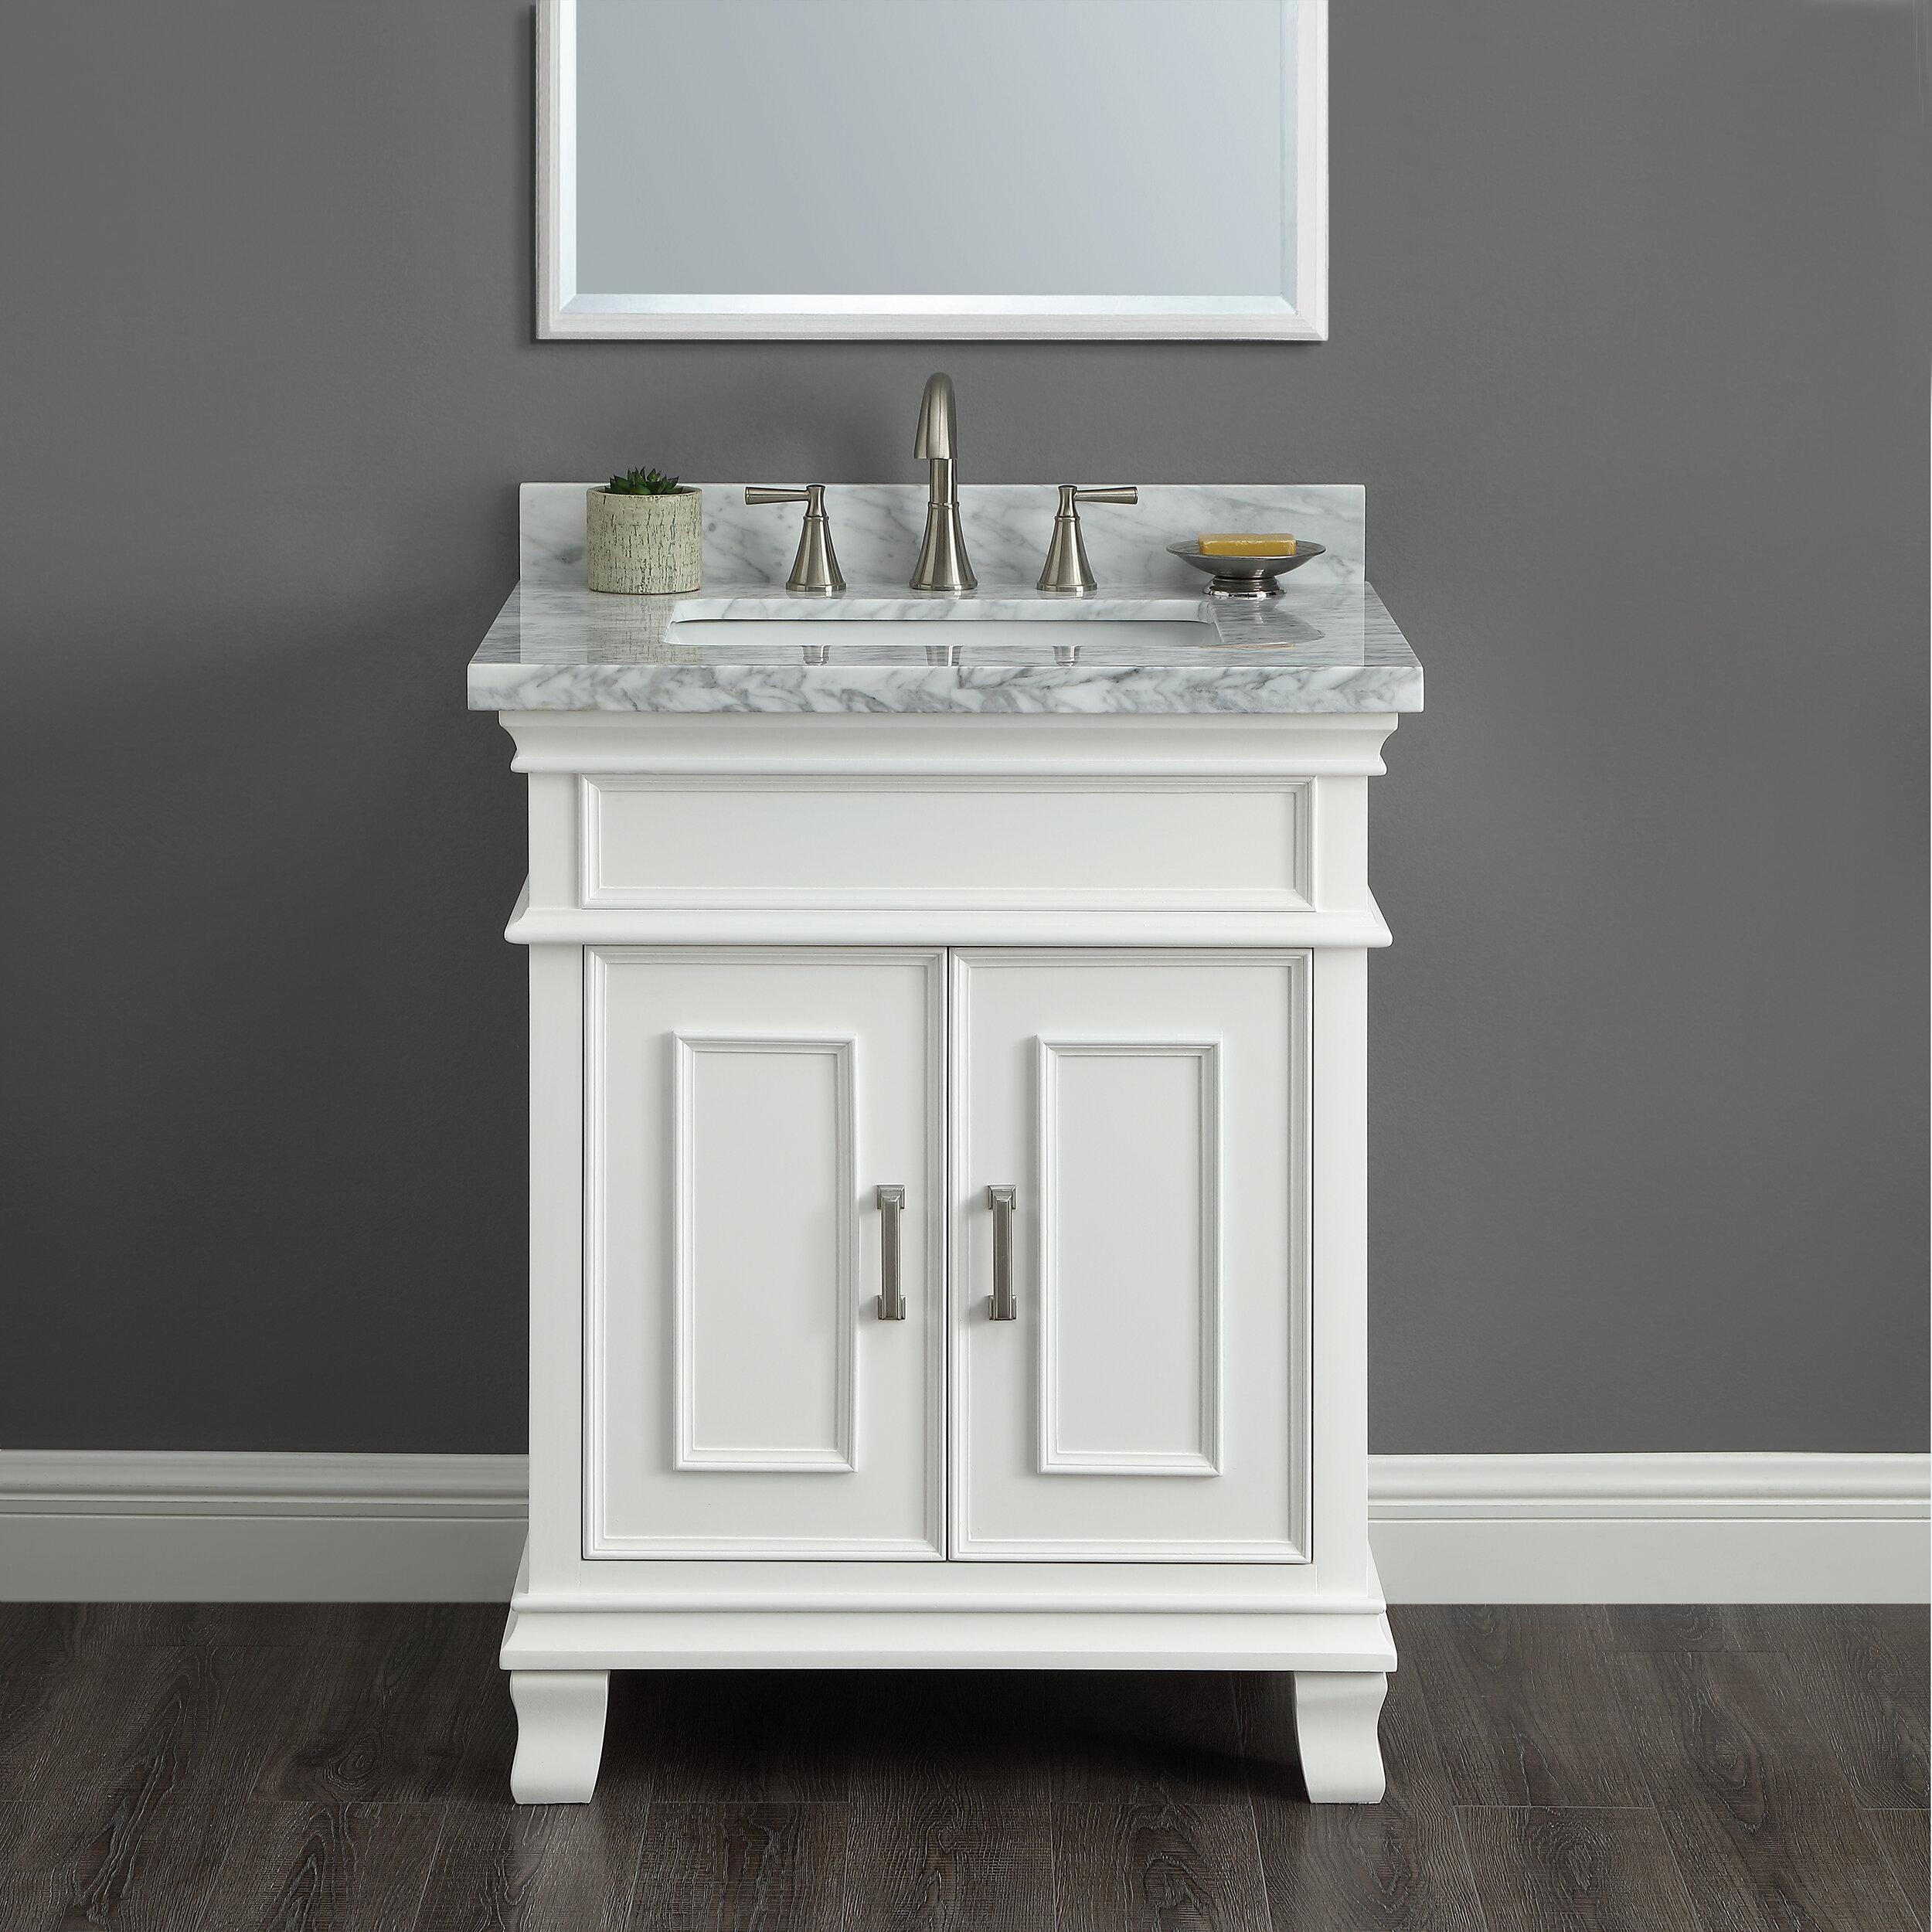 Red Barrel Studio Anneke 28 Single Bathroom Vanity Set Reviews Wayfair